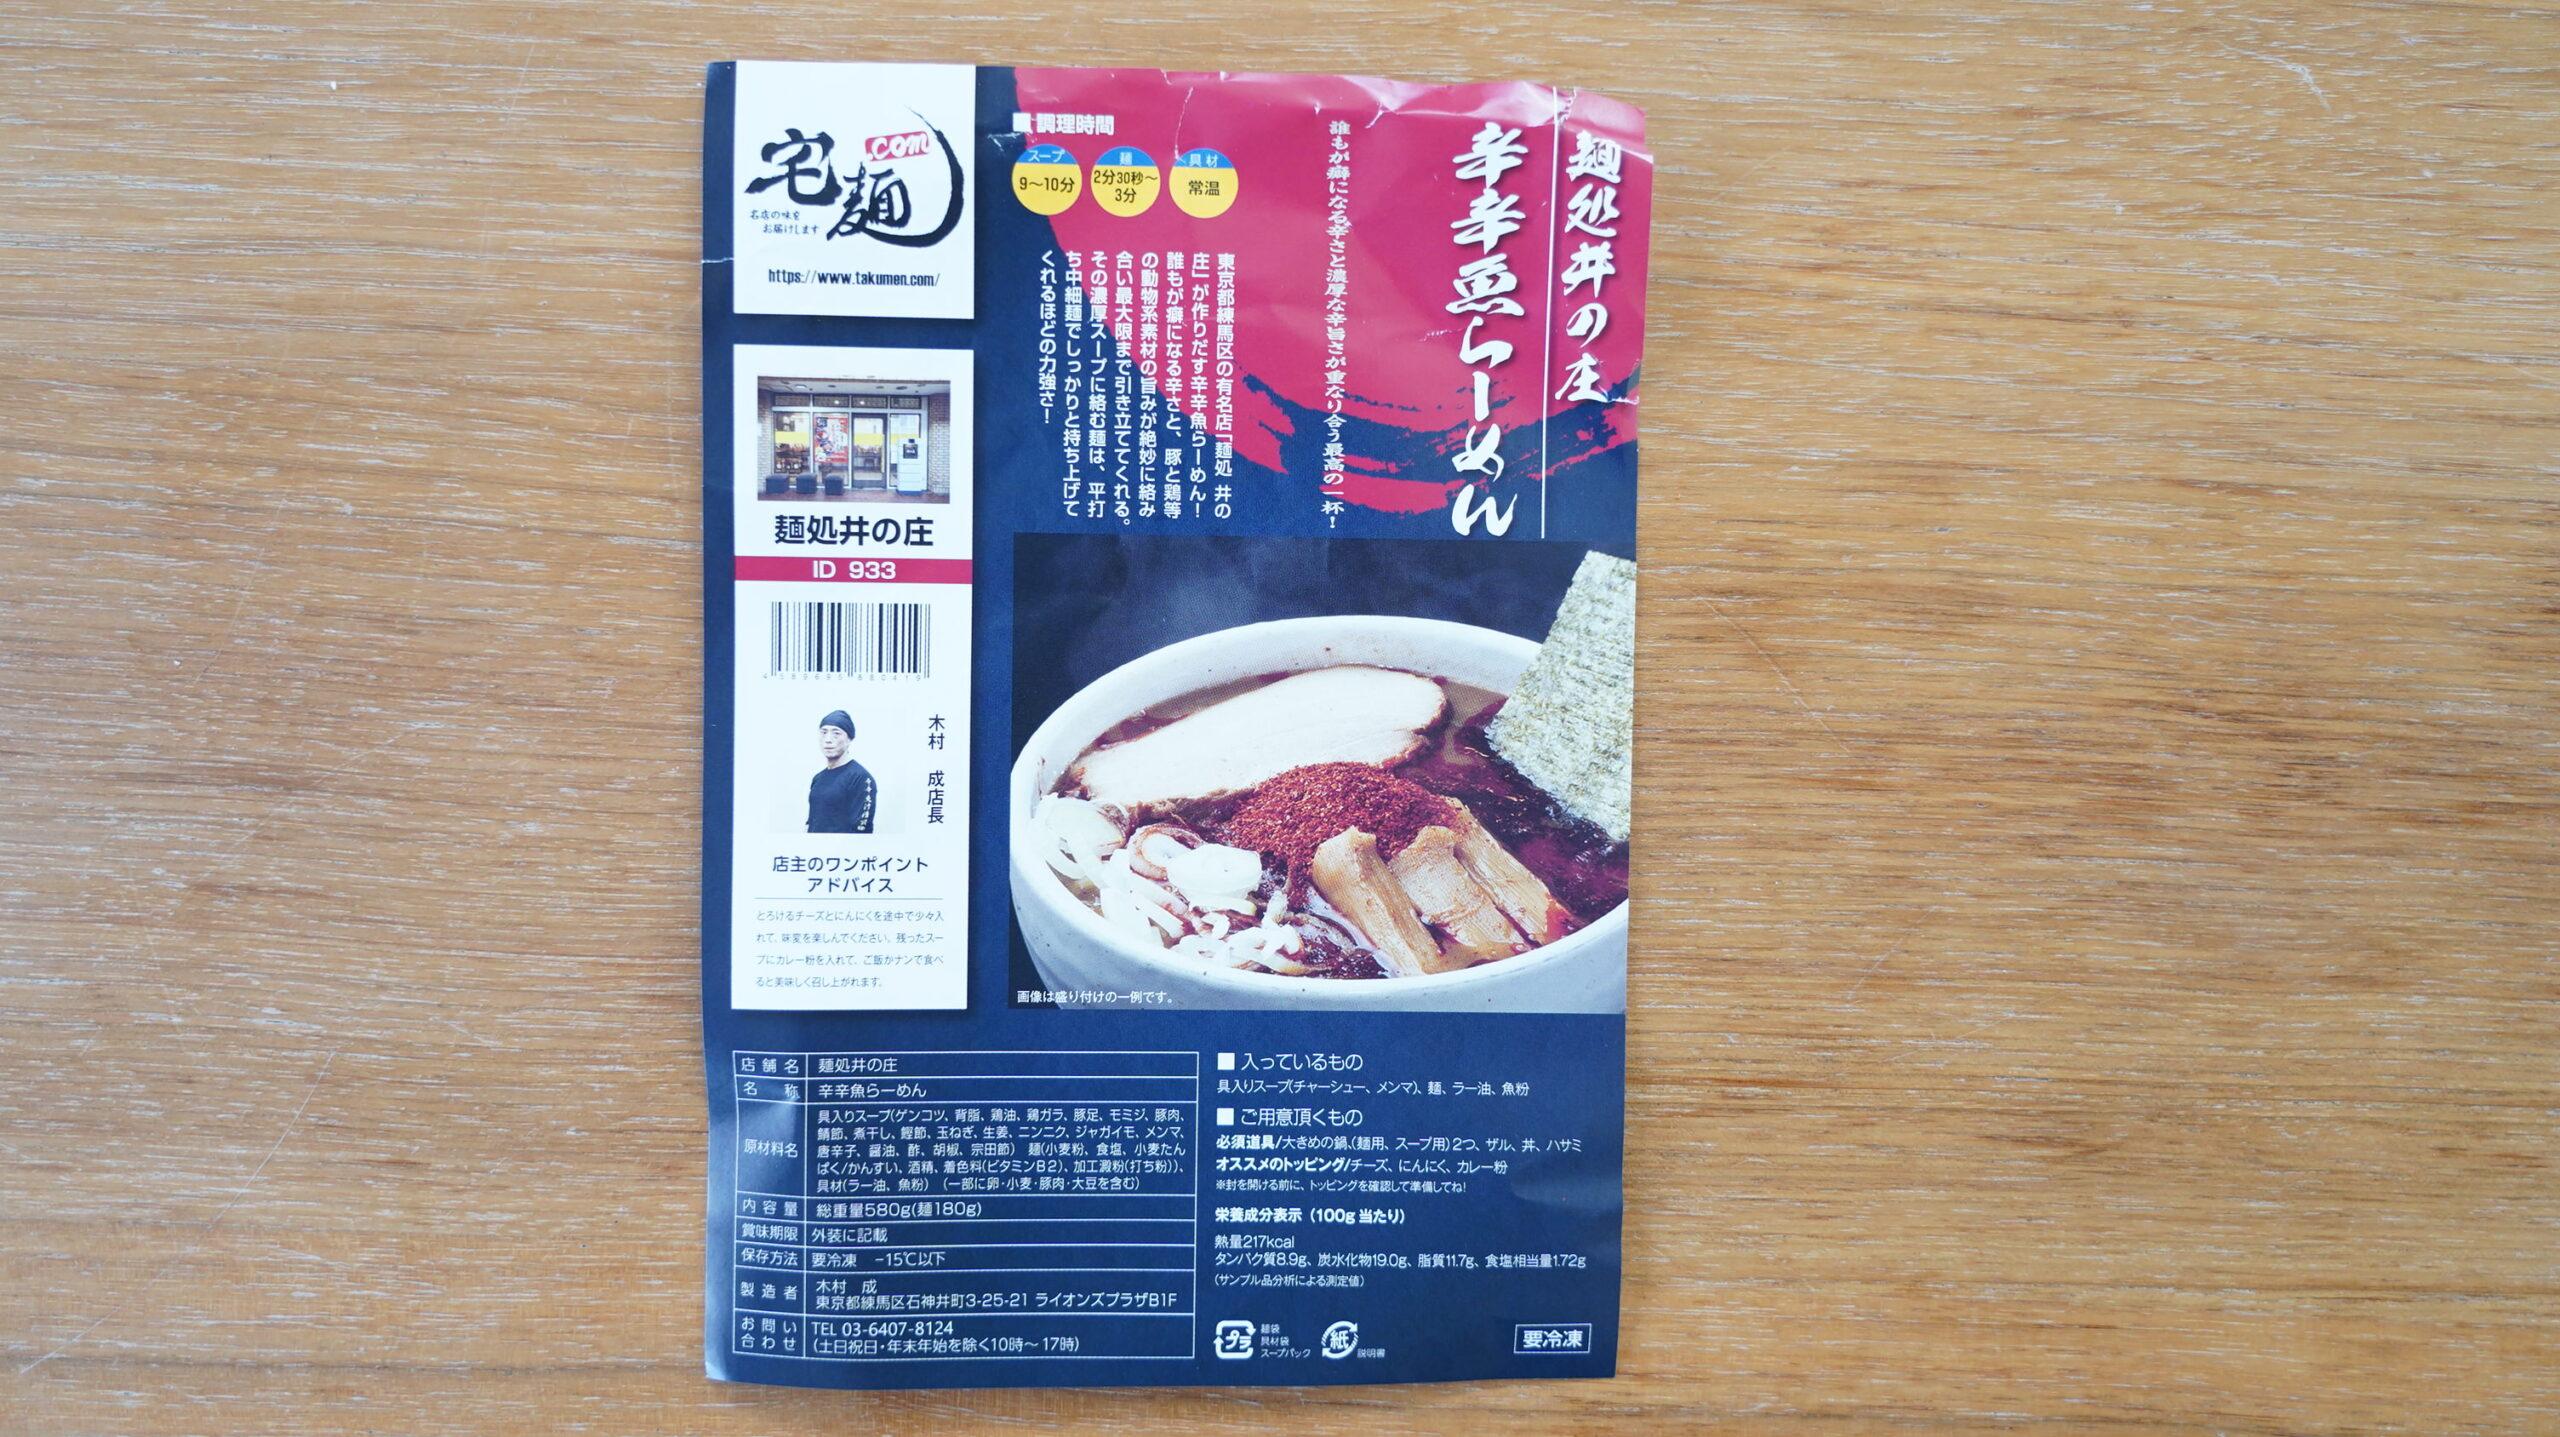 麺処「井の庄」のお取り寄せ・オンライン通販用「辛辛魚らーめん」のパンフレットの写真